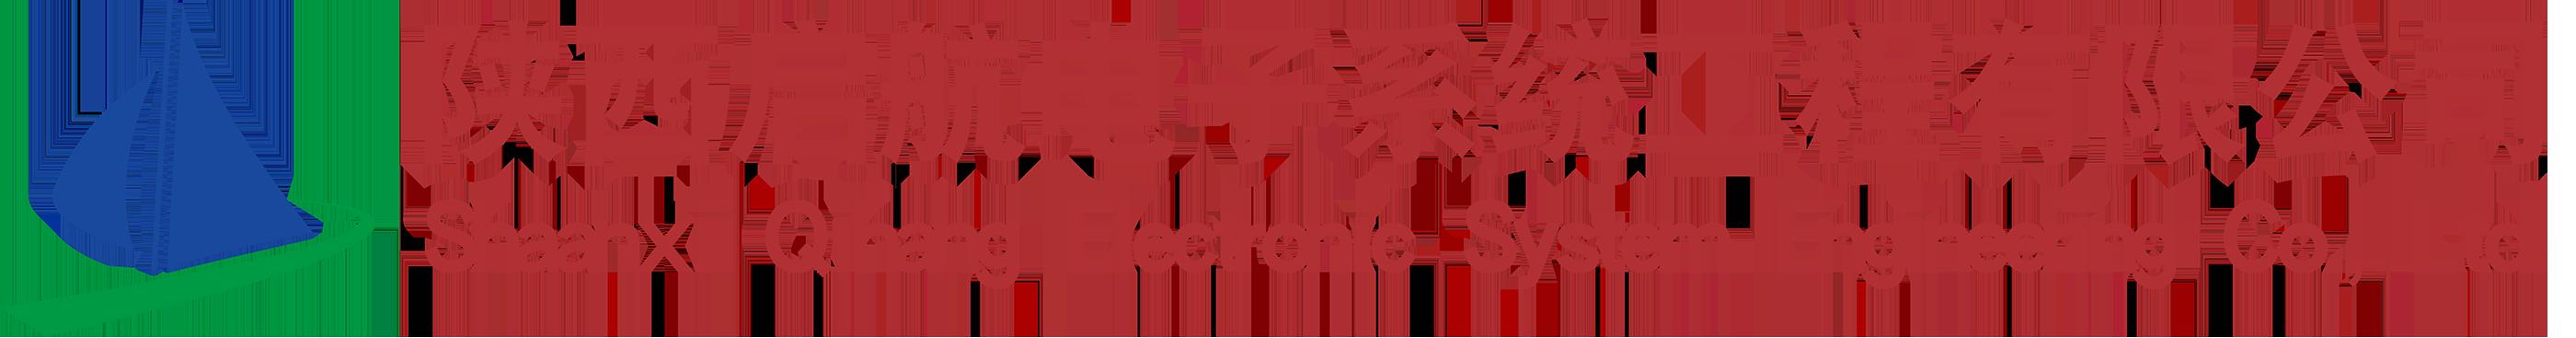 陕西液晶拼接屏供应商-陕西启航电子